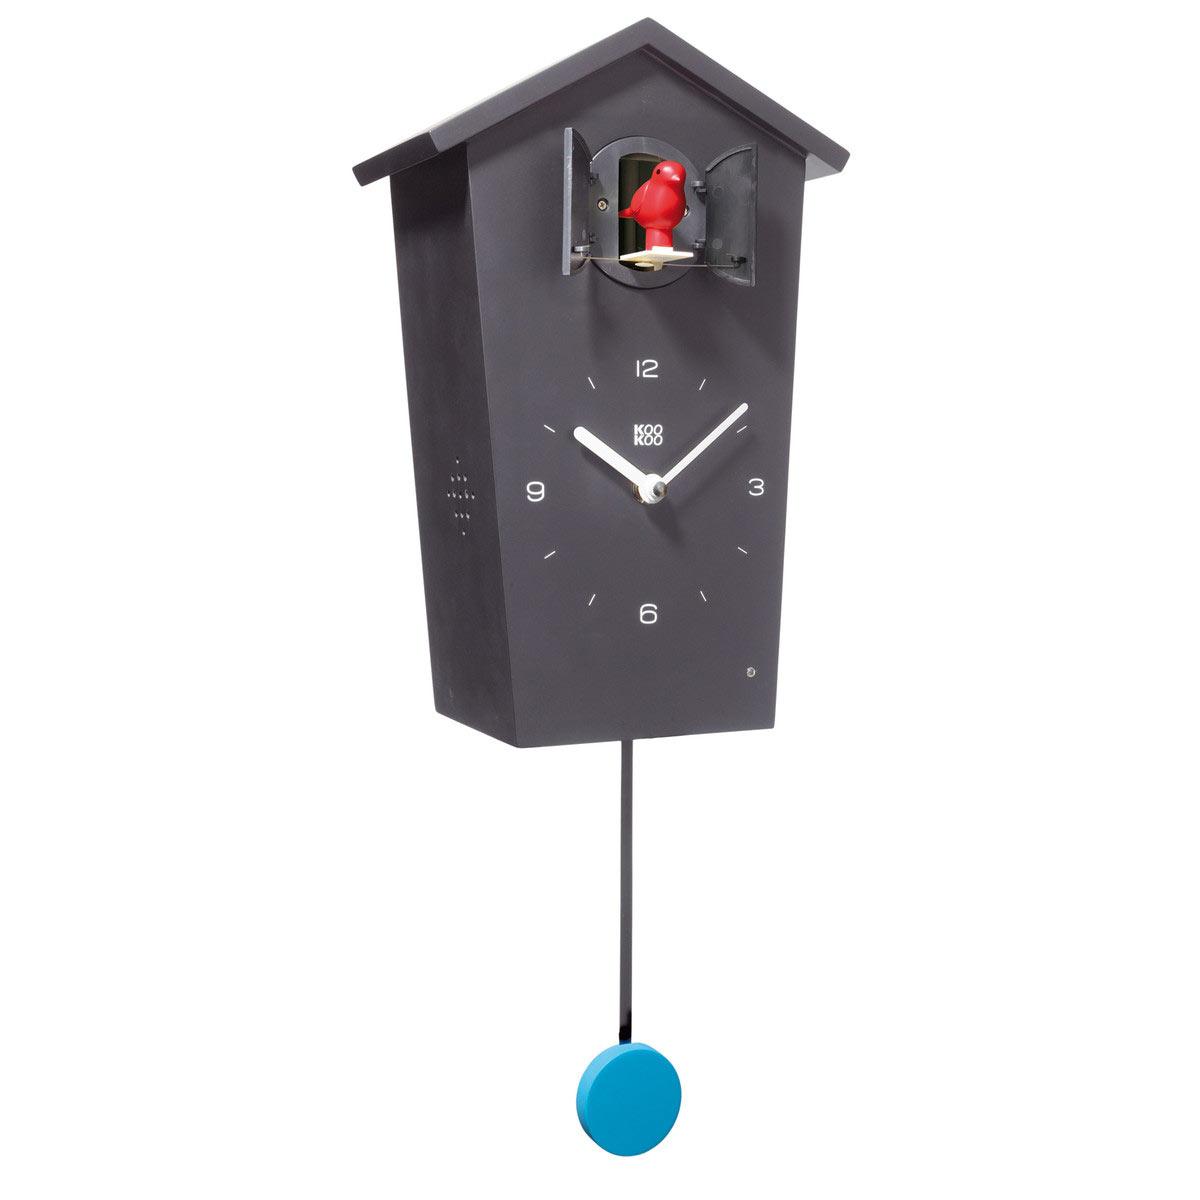 KooKoo BirdHouse cuckoo clock - black